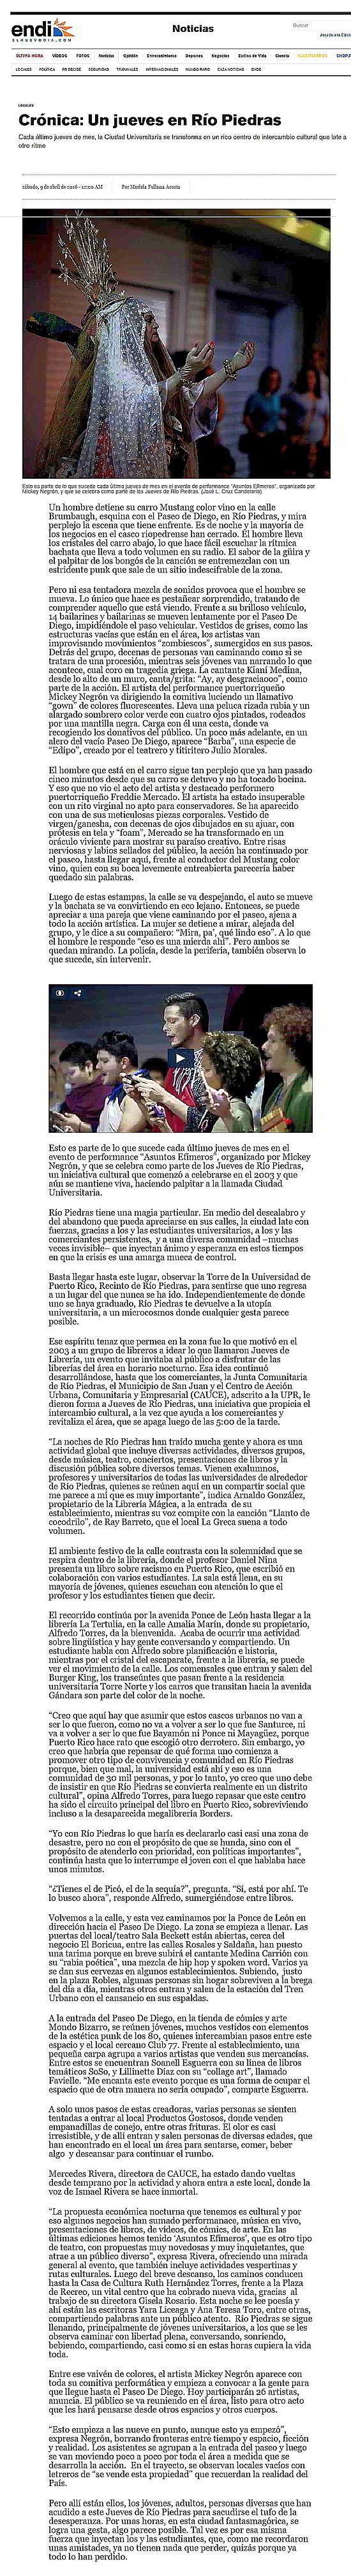 Jueves Cultural-Rio Piedras-Autogiro arte actual